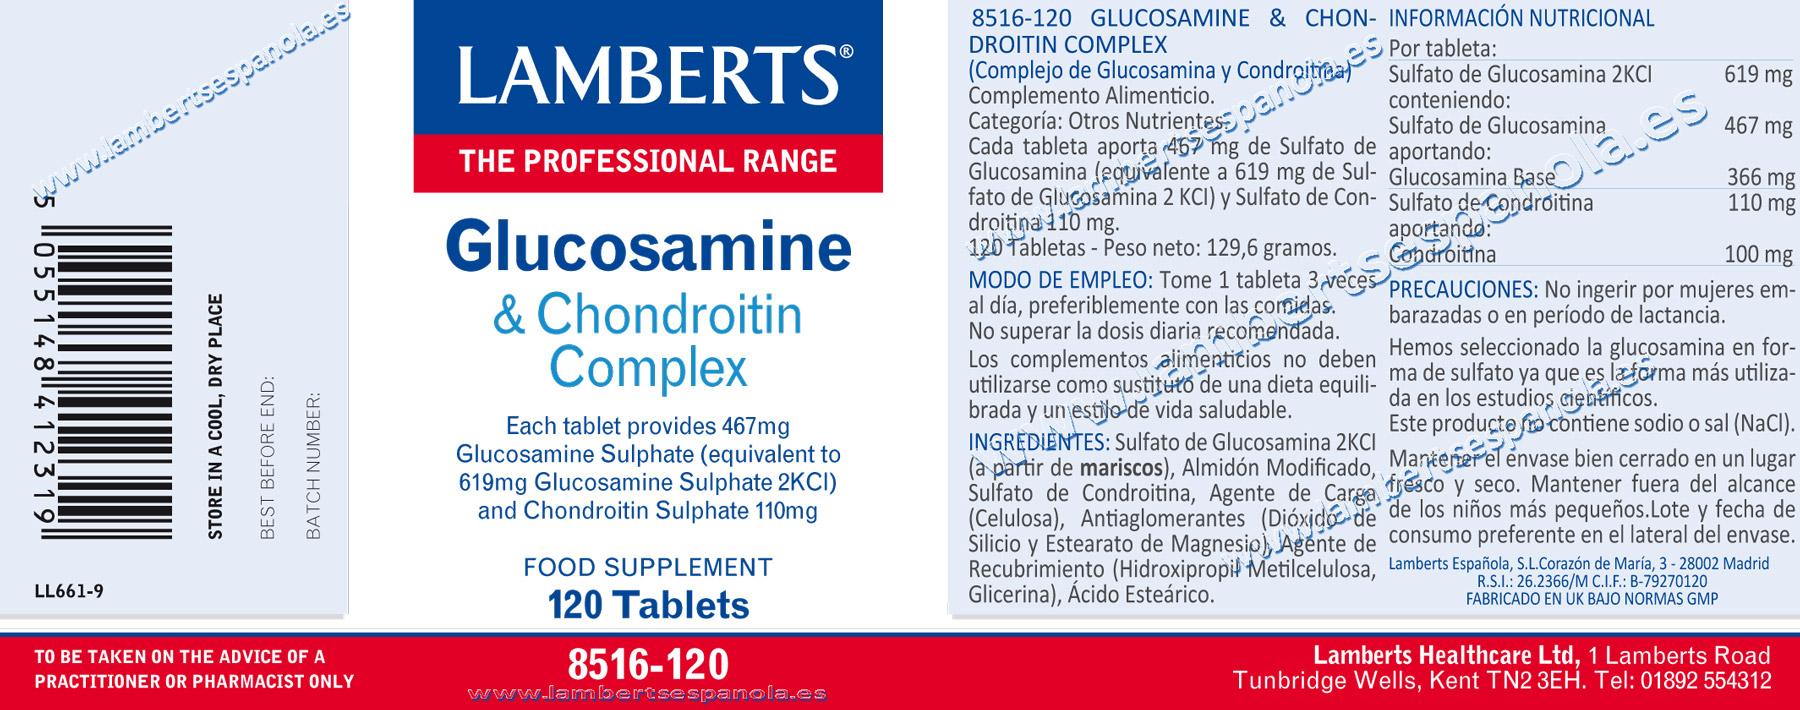 Glucosamina y condroitina